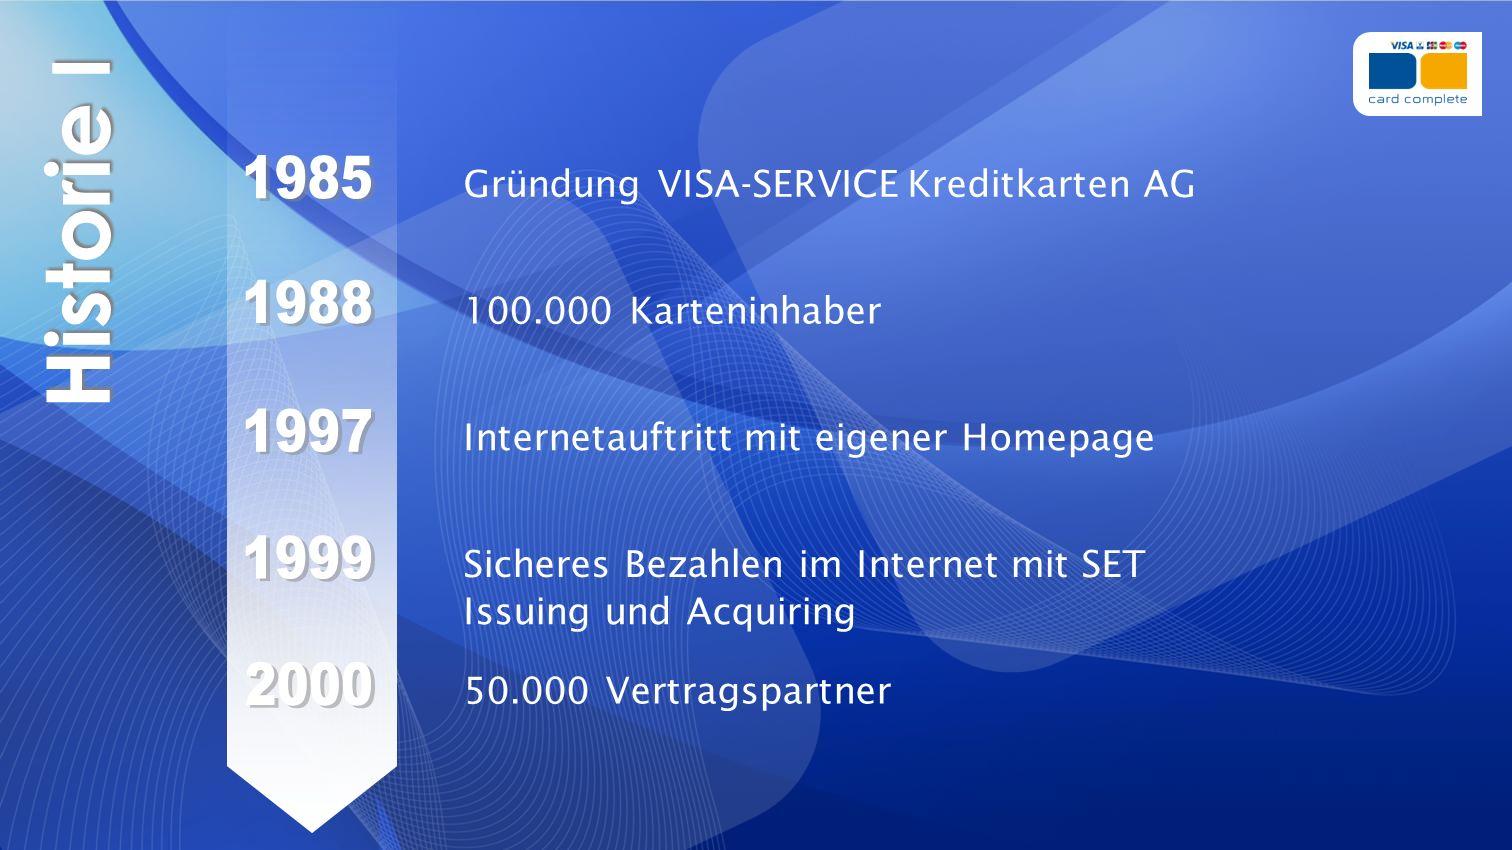 1985Gründung VISA-SERVICE Kreditkarten AG. Historie I. 1988. 100.000 Karteninhaber. 1997. Internetauftritt mit eigener Homepage.